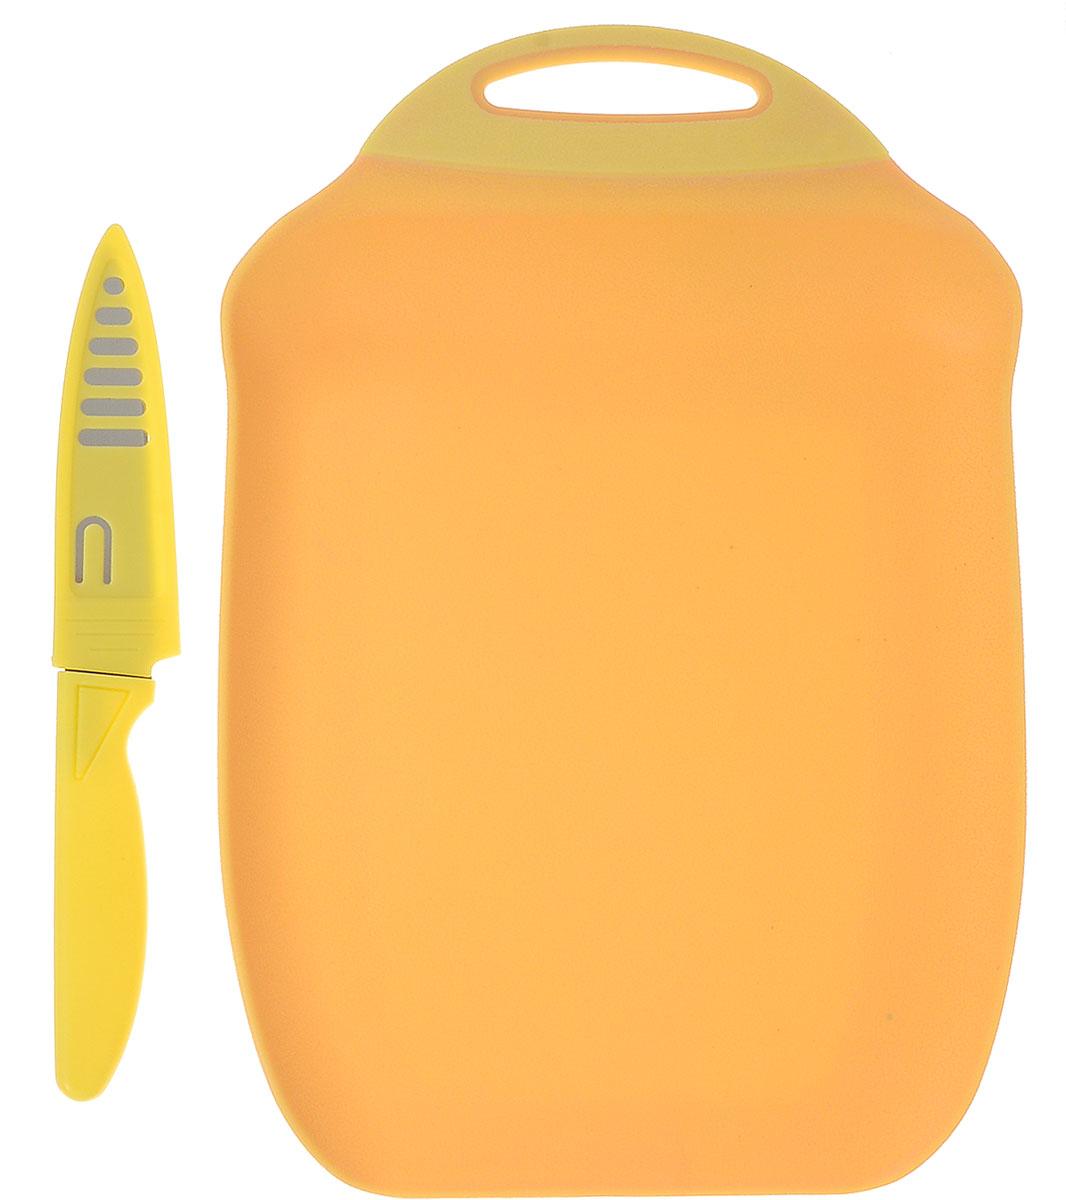 Доска разделочная Menu Ланч, с ножом, цвет: желтый, 27 х 18 смLNC-27_бежевыйРазделочная доска Menu Ланч изготовлена из высококачественного пищевого пластика и предназначена для разделывания рыбы, мяса, нарезки овощей, фруктов, колбас, сыра и хлеба. Поверхность доски не тупит лезвия ножей и не впитывает запахи продуктов. В конструкции доски предусмотрены специальные небольшие бортики, которые предотвратят случайное ссыпание продуктов. Для удобства хранения доска имеет отверстие для подвешивания. В комплекте имеется нож из нержавеющей стали с защитным чехлом. Эргономичная пластиковая рукоятка не позволяет ножу выскальзывать из рук. Любая хозяйка оценит функциональность данного набора. Мыть только вручную. Размер разделочной доски: 27 х 18 см. Длина ножа: 19 см. Длина лезвия ножа: 10 см.